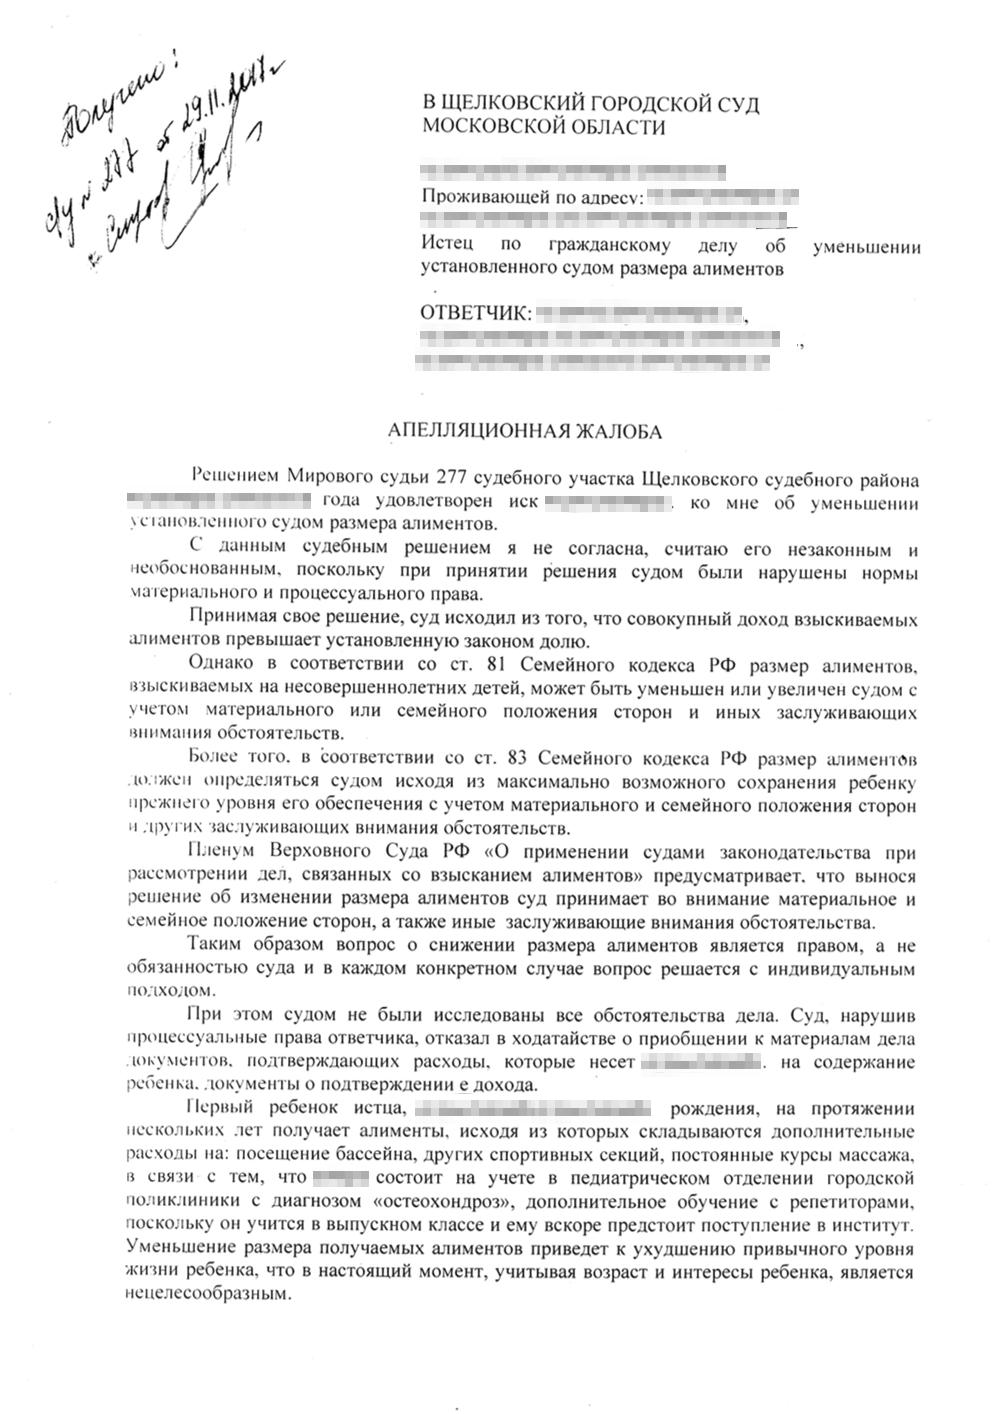 Апелляционная жалоба на решение мирового судьи от Татьяны